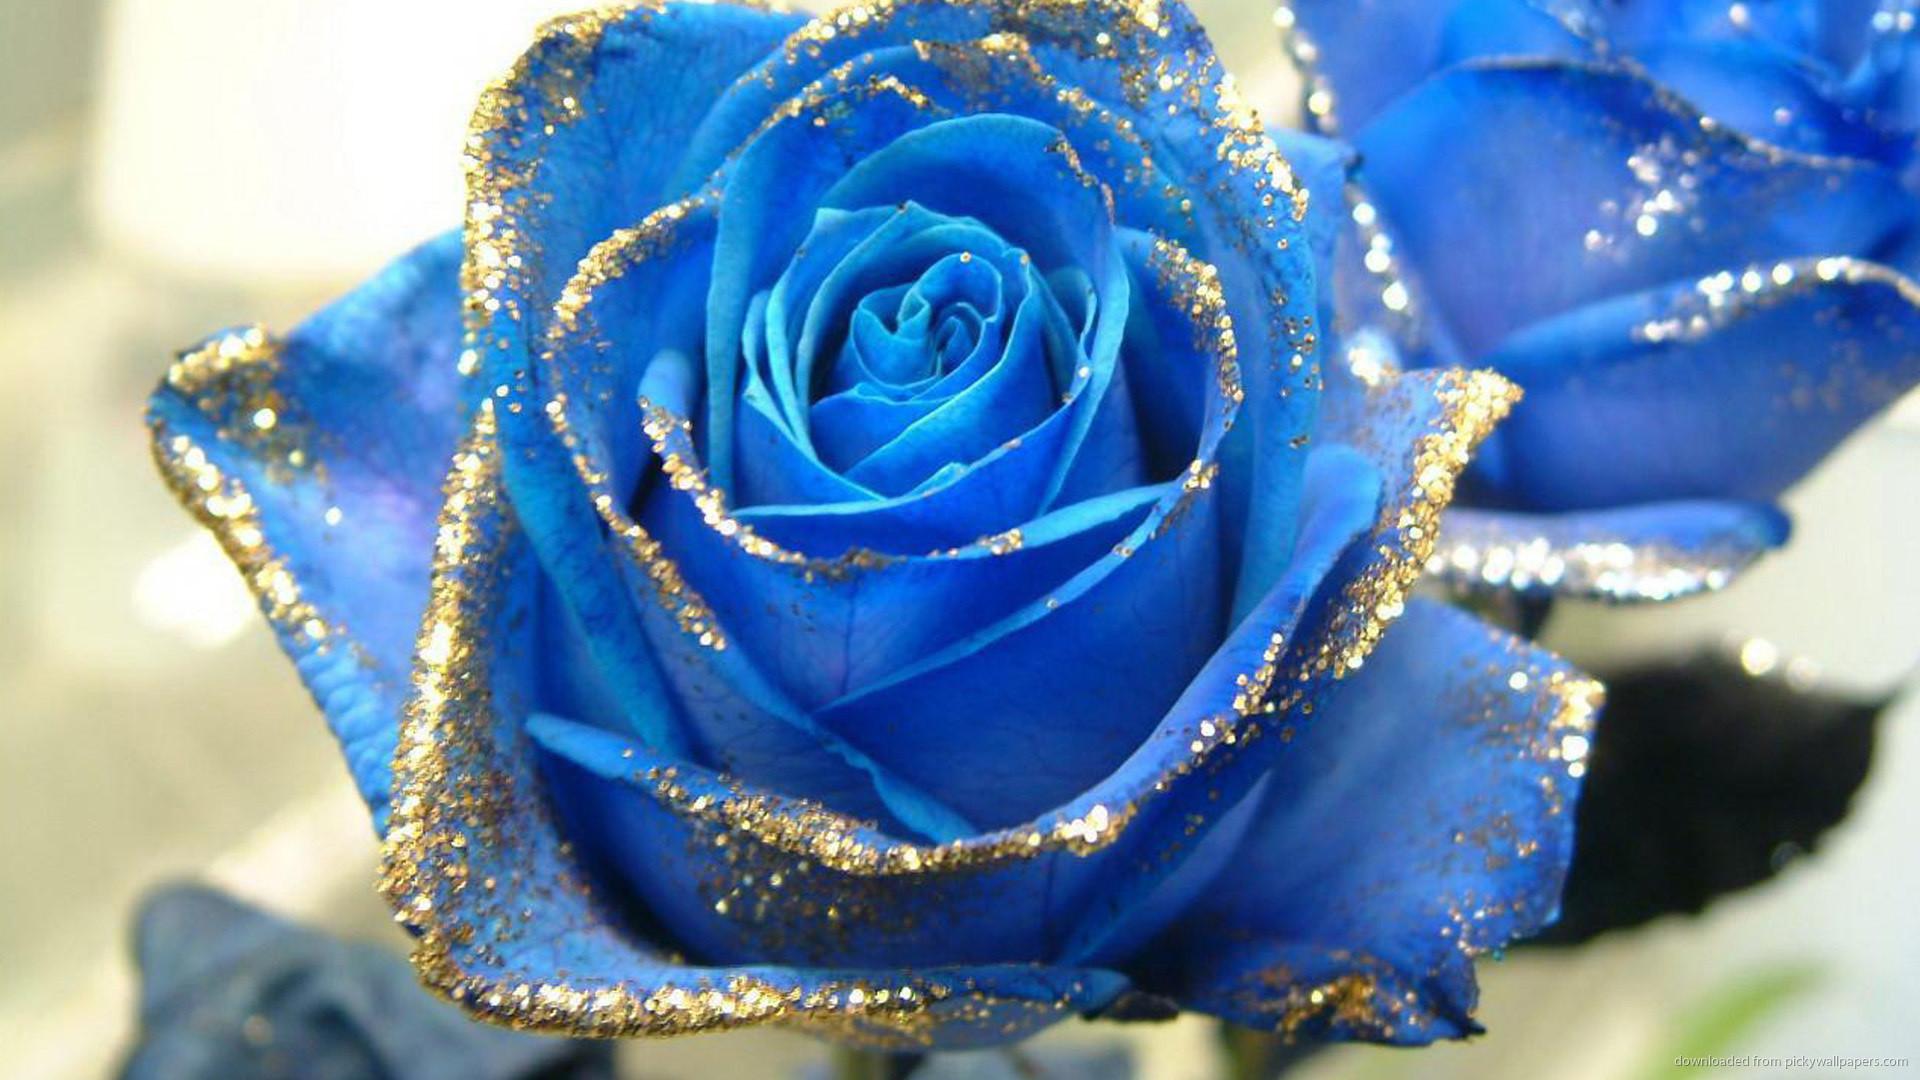 Roses Wallpaper Screensavers 34 Images